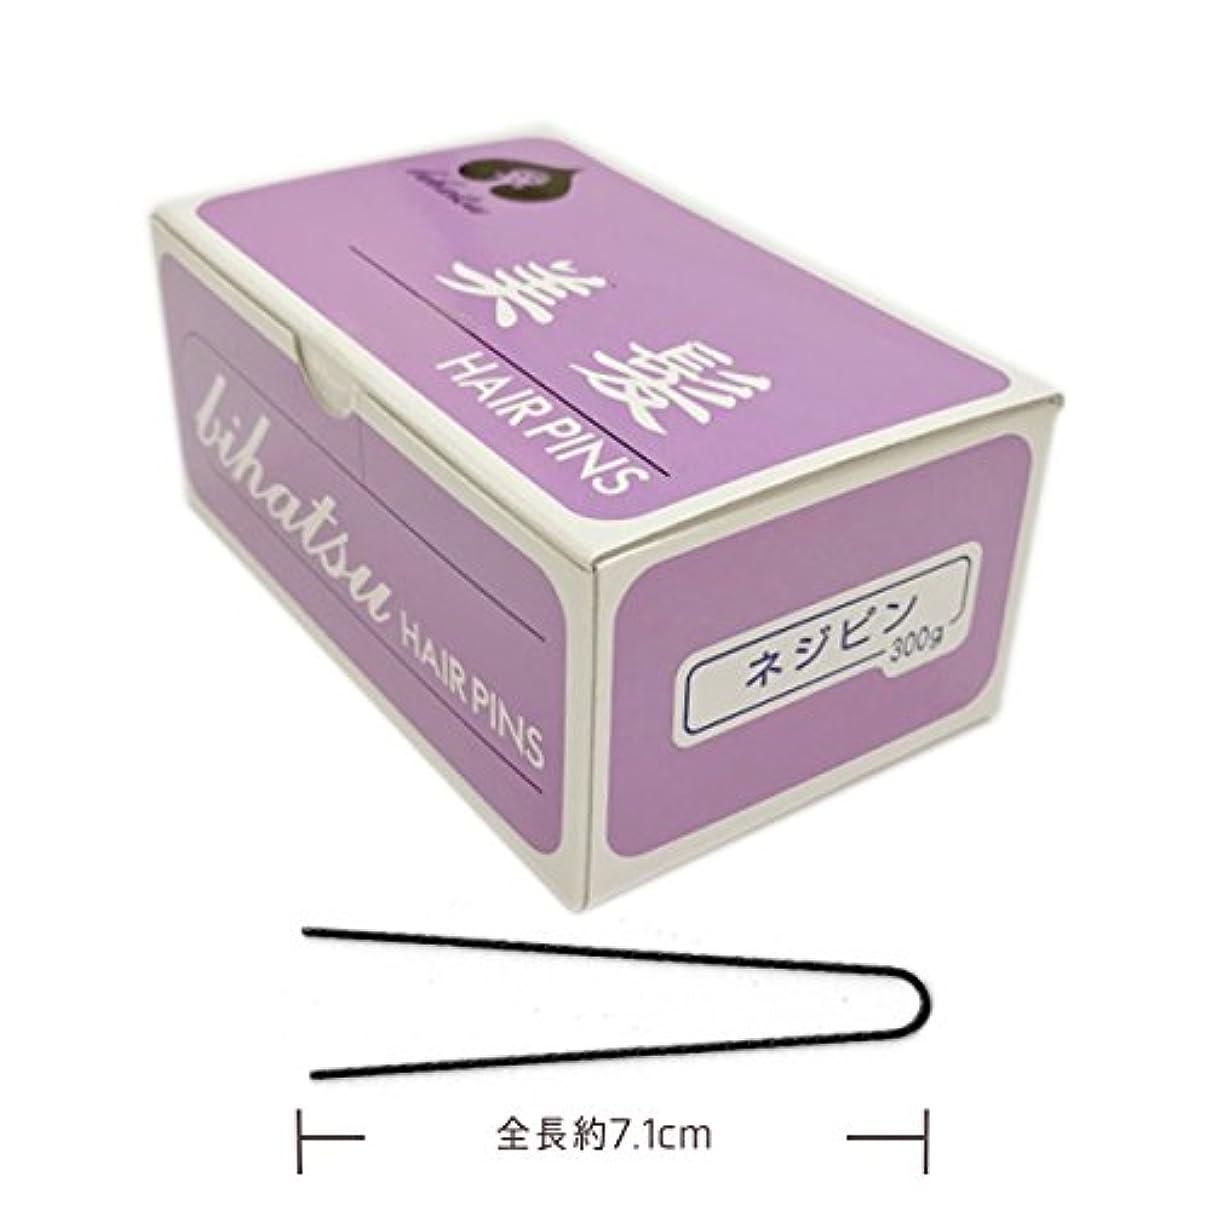 しかしながら会話型姿勢ヒラヤマ ビハツ ネジピン (美髪) 300g約340本入